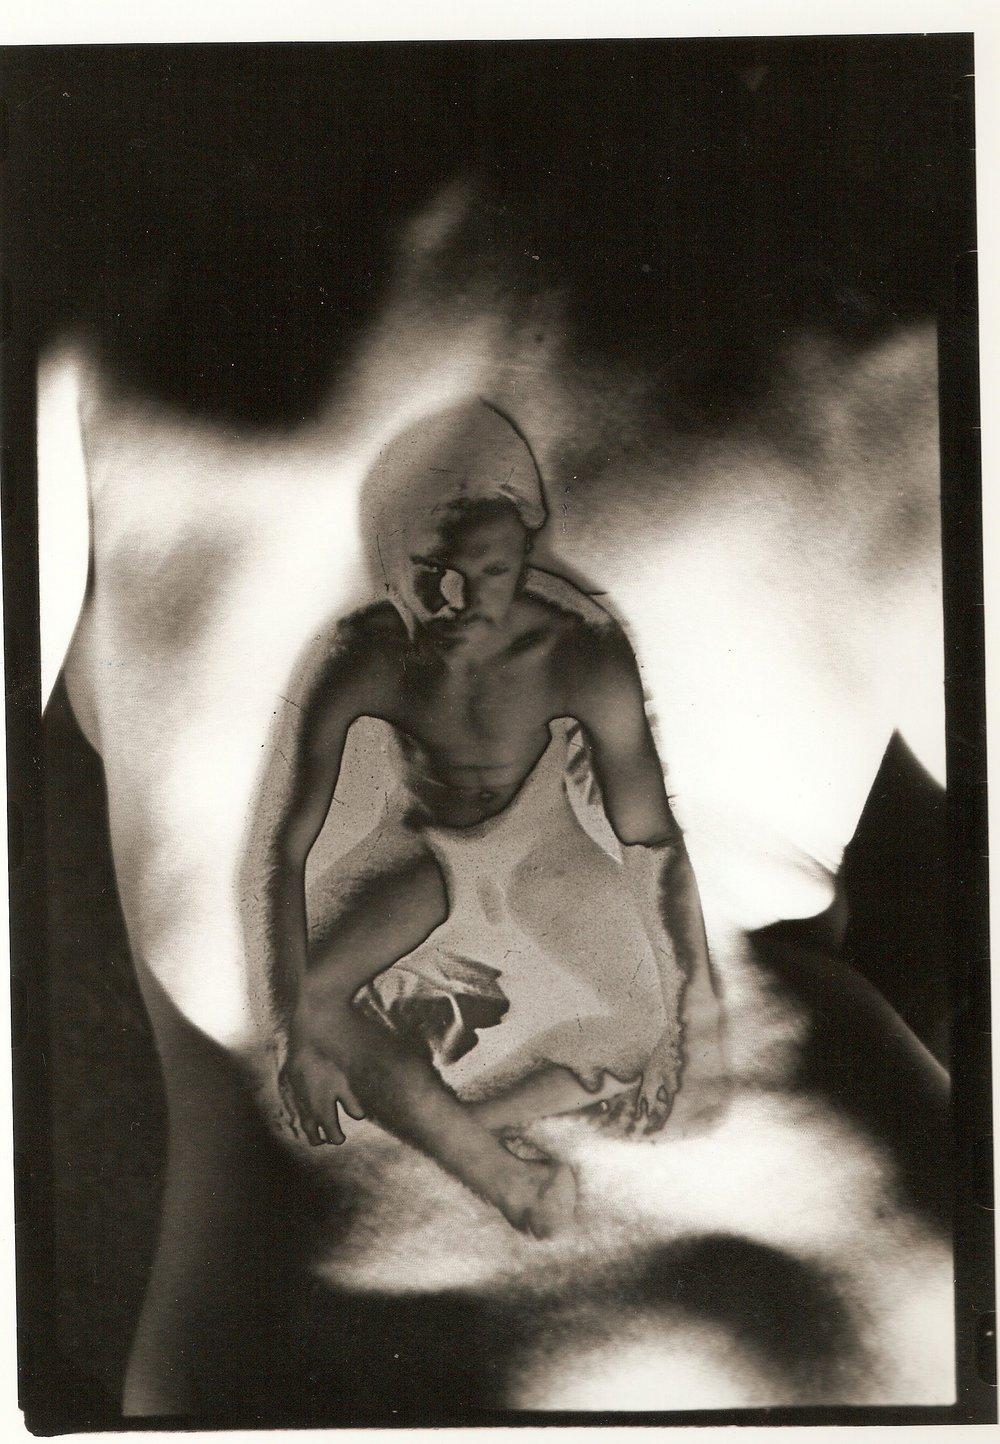 Loren Ellis Dynamic Equilibrium 4 of 4 8 x 10 1976.jpg